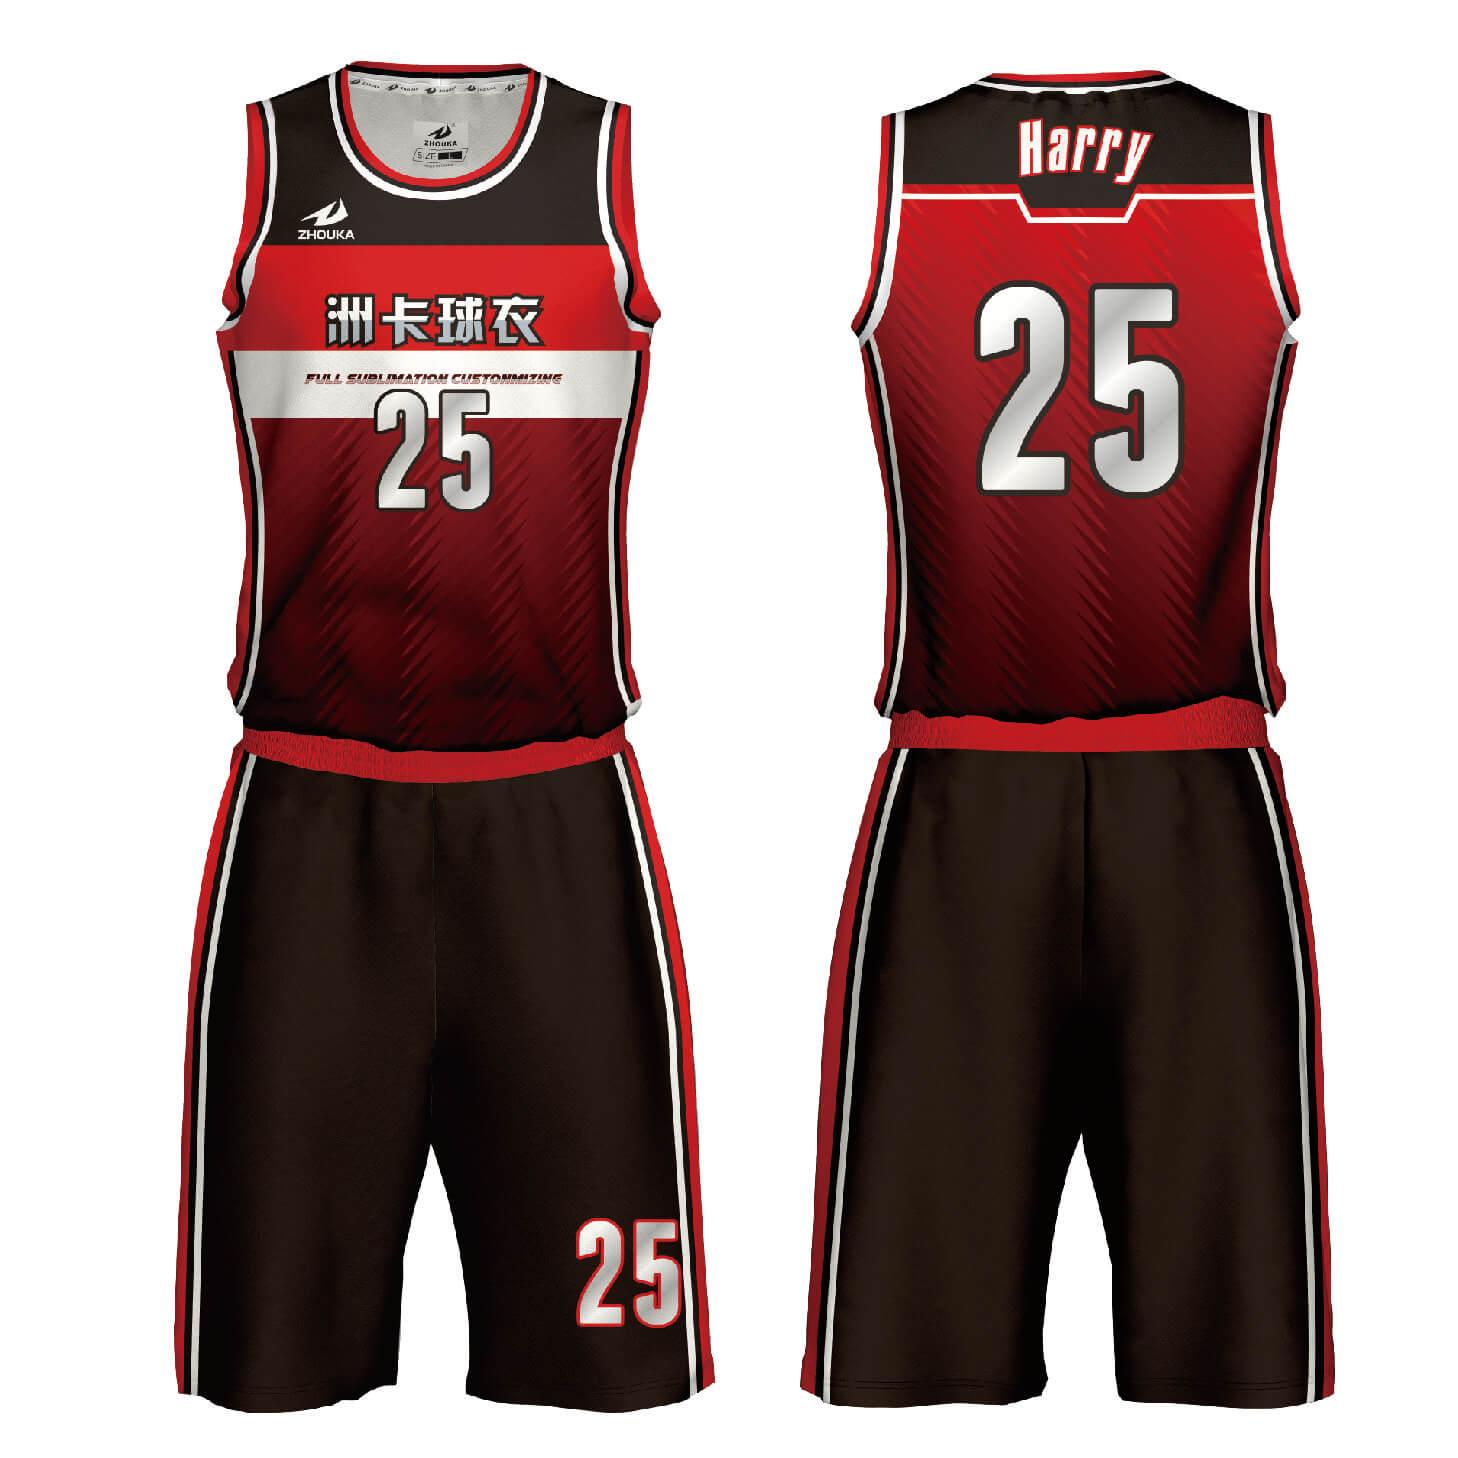 新的定制团队设计运动服篮球服球衣篮球衫